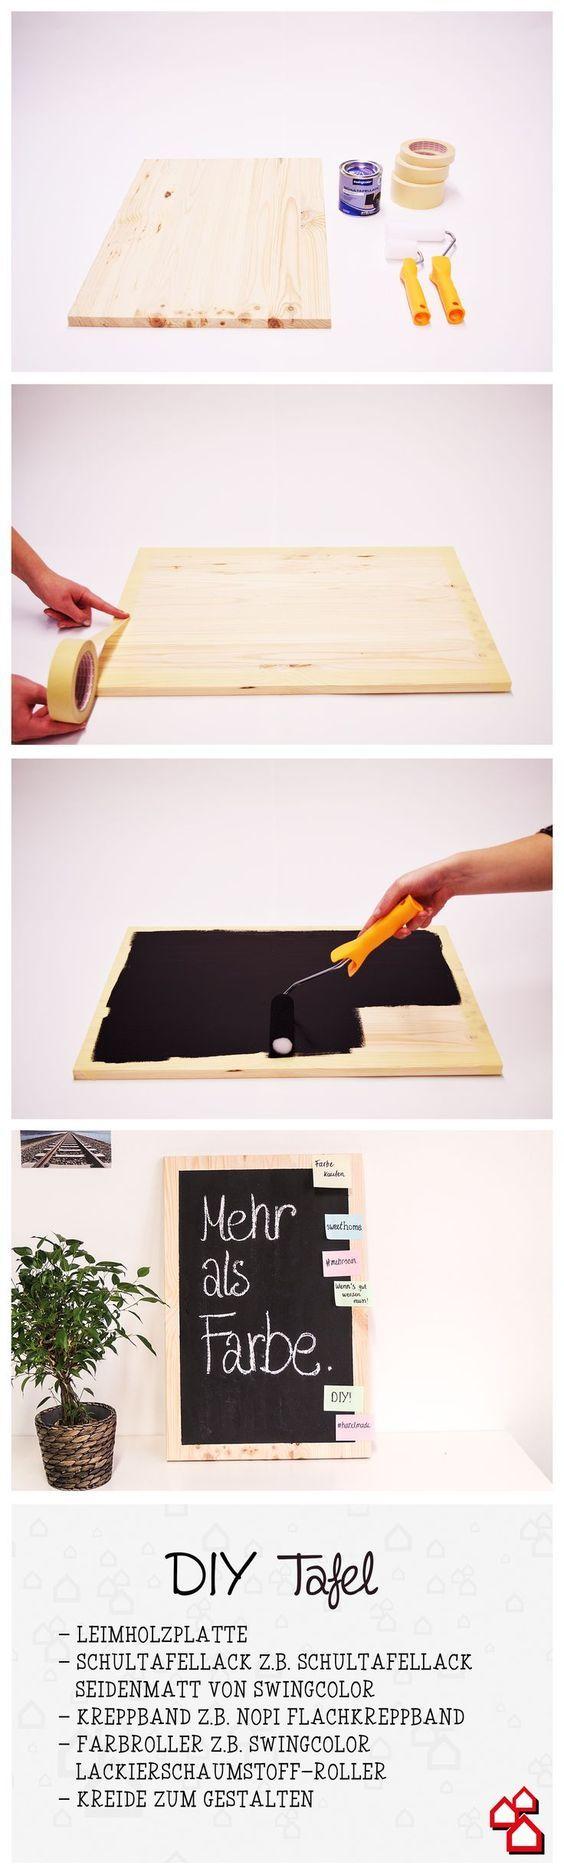 Die besten 25 tafel selber machen ideen auf pinterest selbstgemachte tafel tafel machen und - Kreidetafel selber machen ...